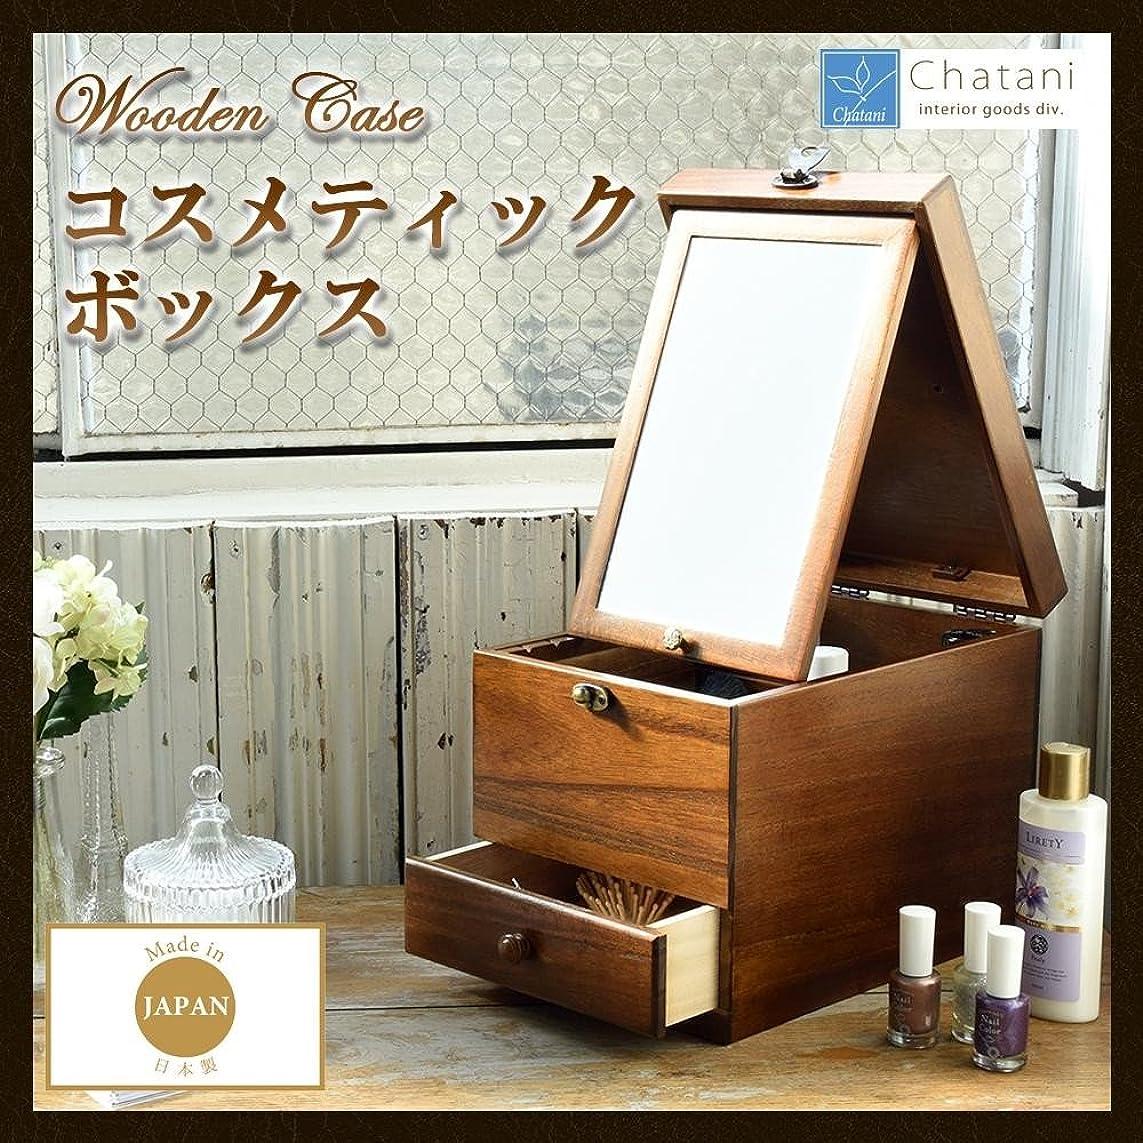 関数何定常茶谷産業 日本製 Wooden Case 木製コスメティックボックス 017-513